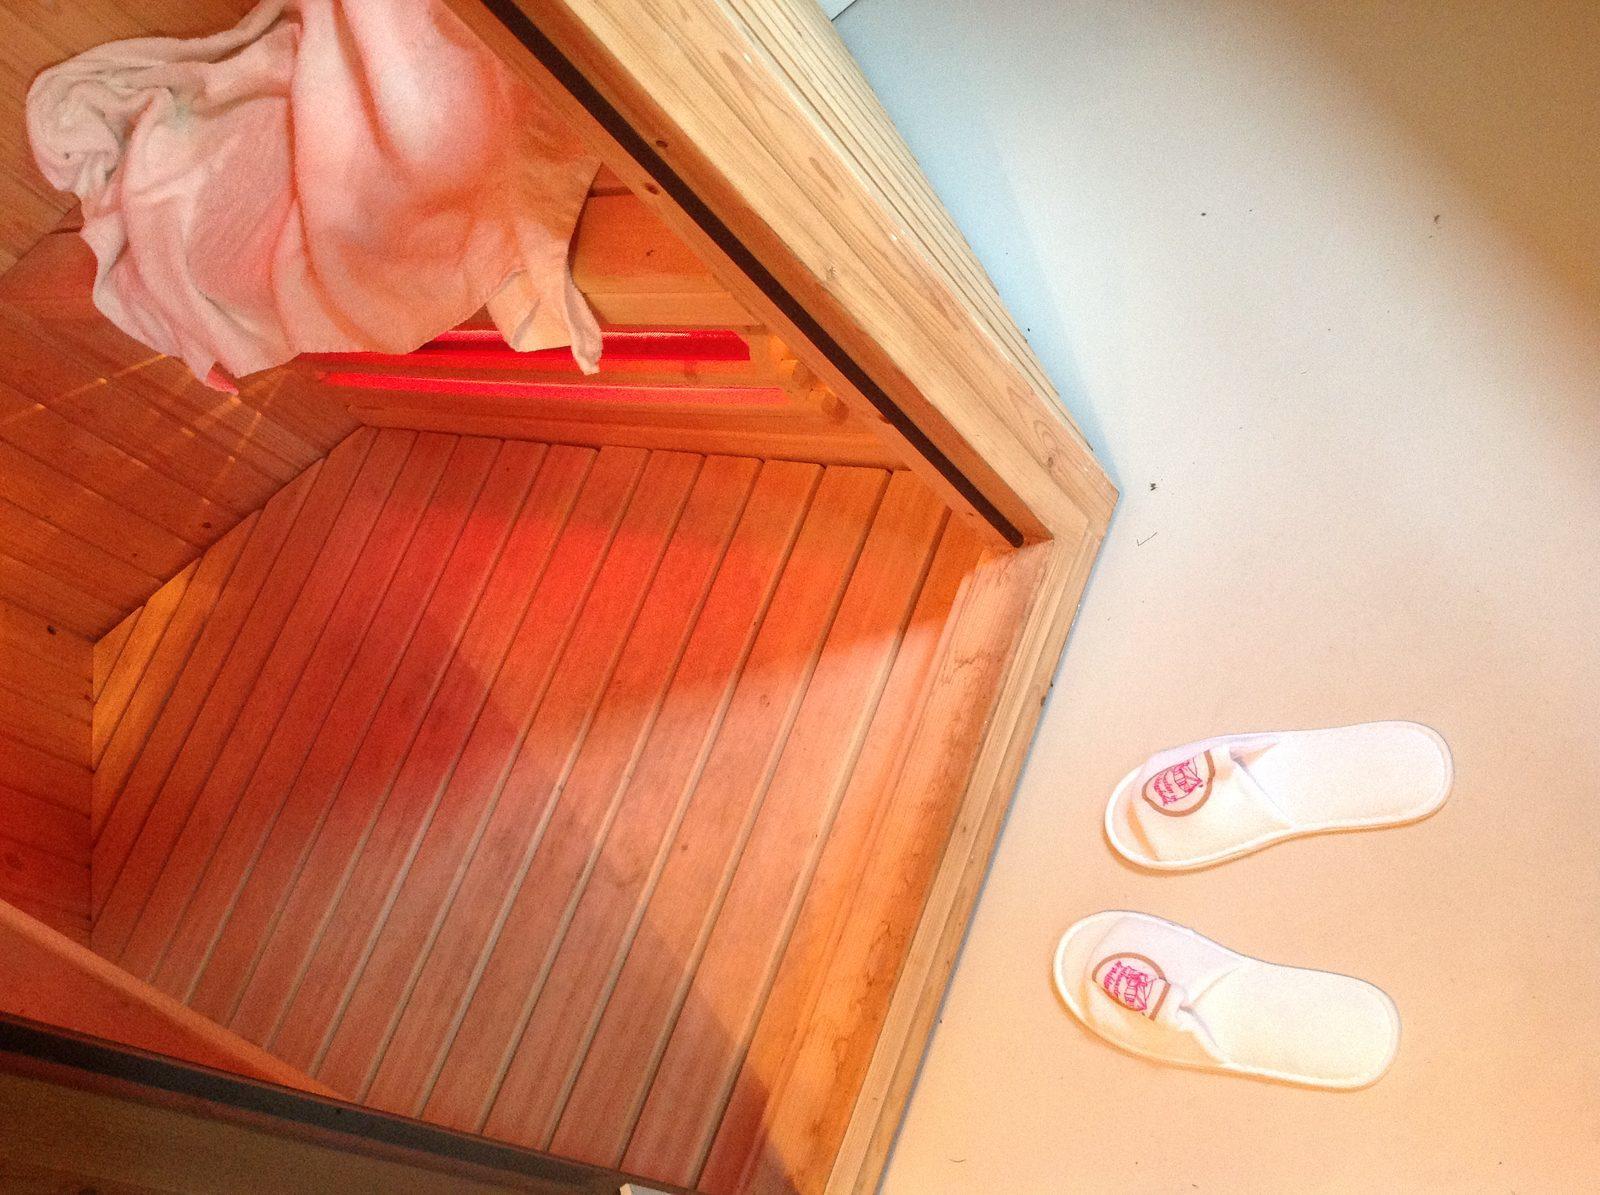 infra rood sauna de Tortelduif